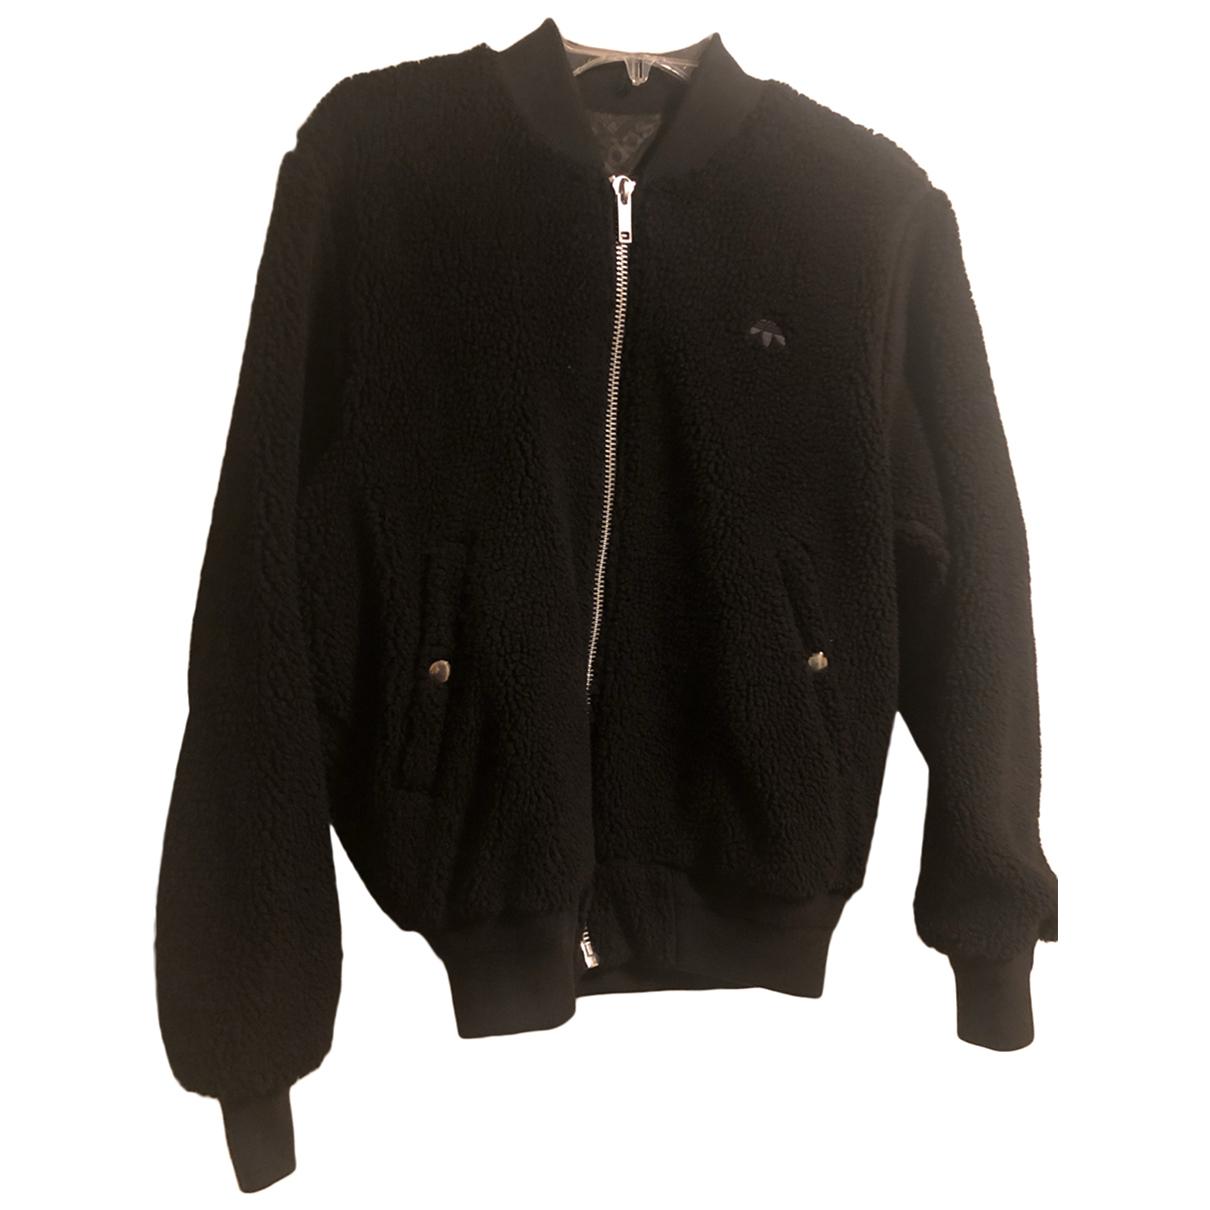 Adidas Originals X Alexander Wang - Vestes.Blousons   pour homme - noir